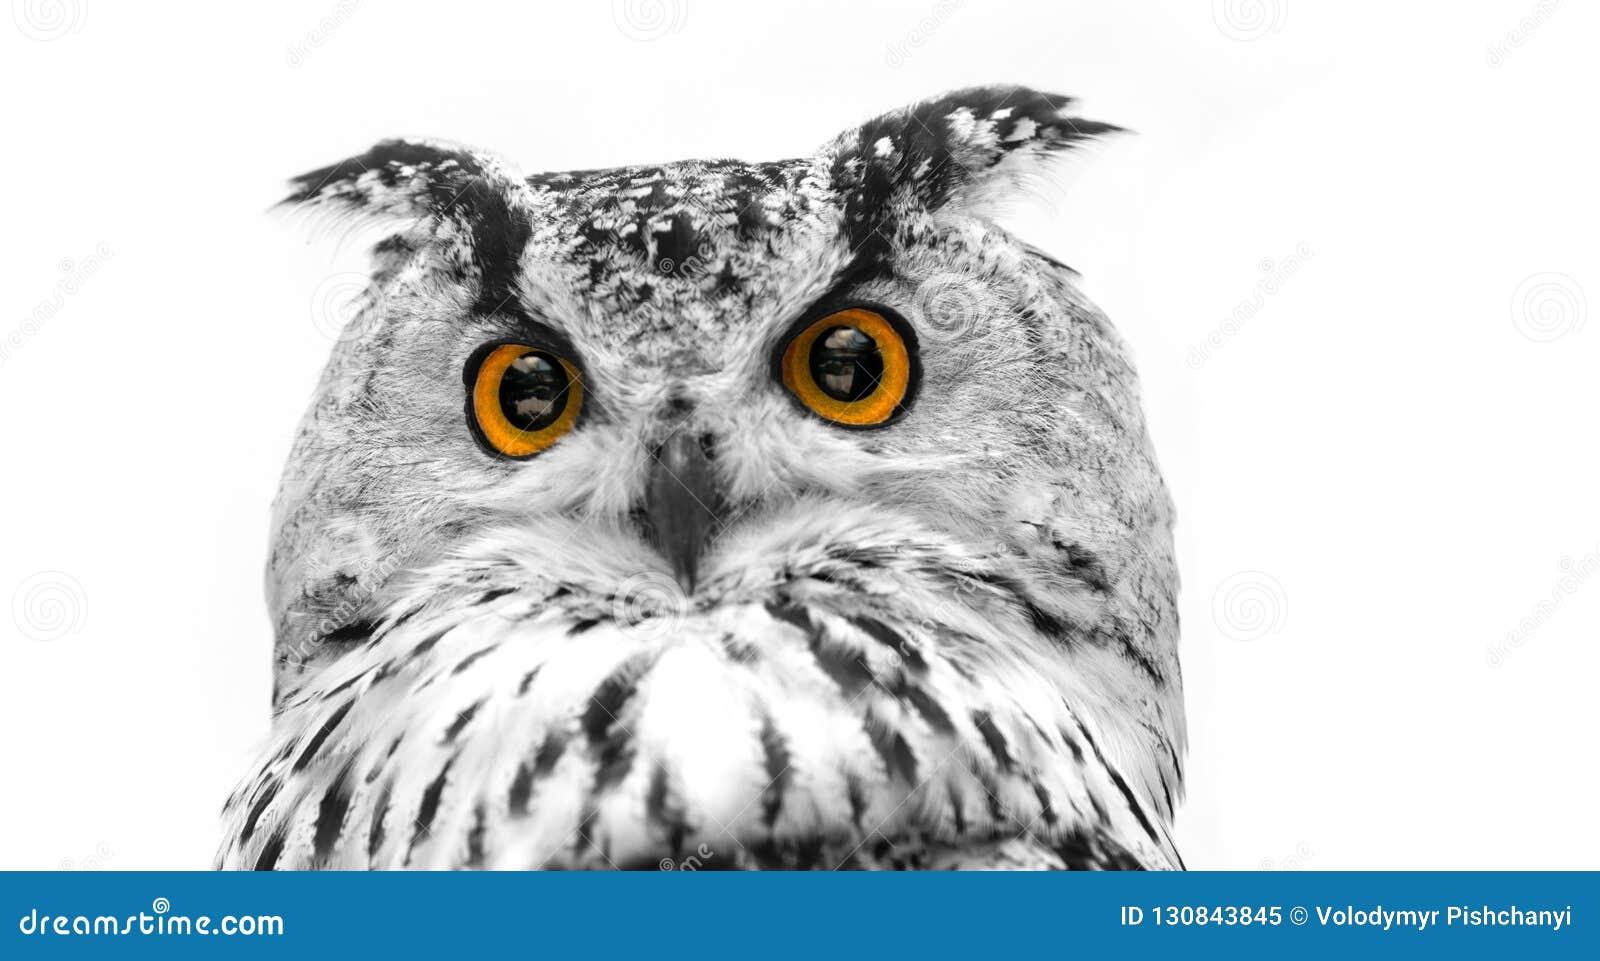 Een dichte blik van de oranje ogen van een gehoornde uil op een witte achtergrond